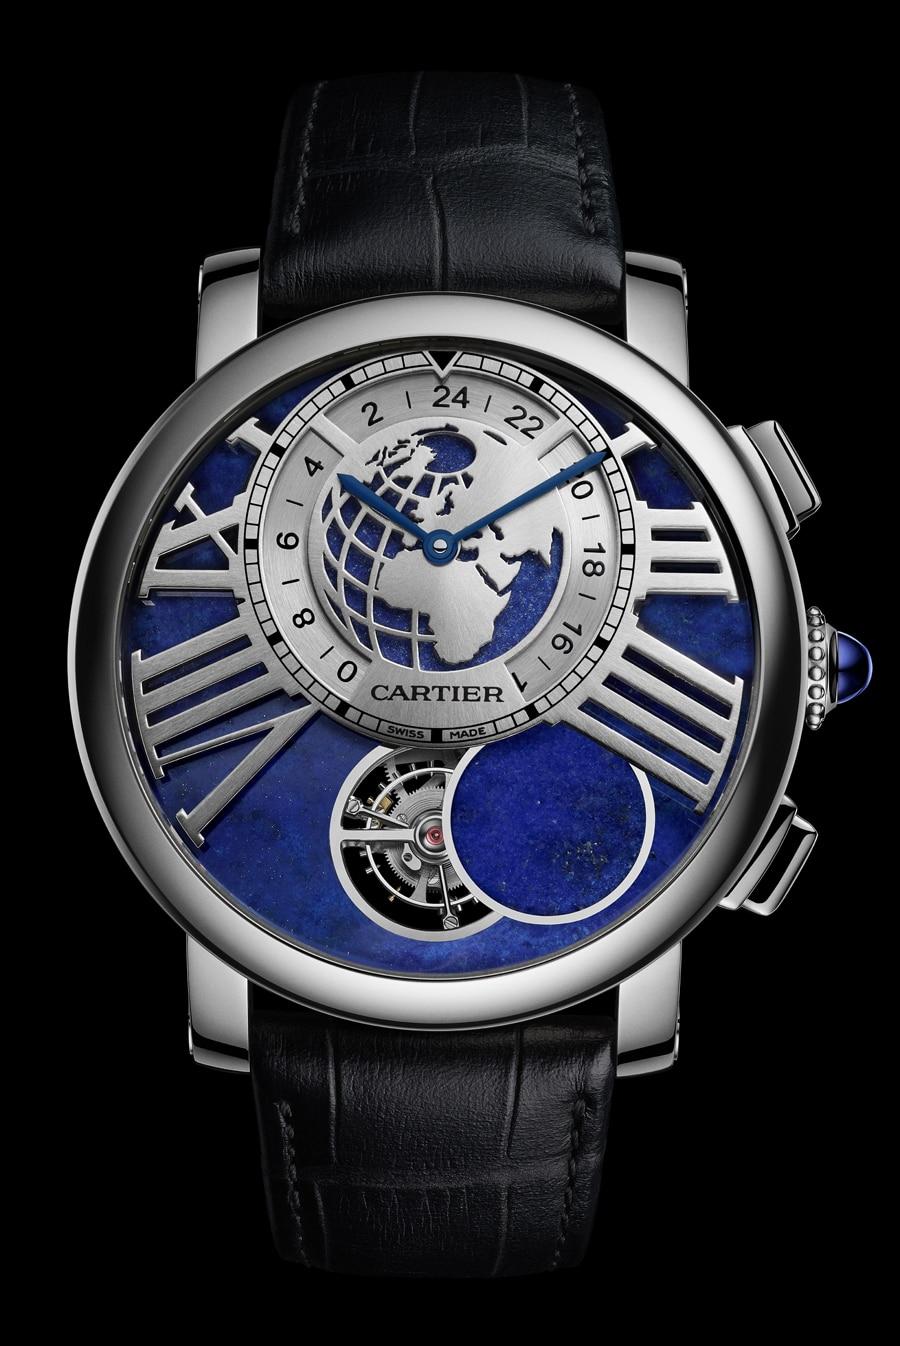 Cartier: Rotonde de Cartier Earth and Moon